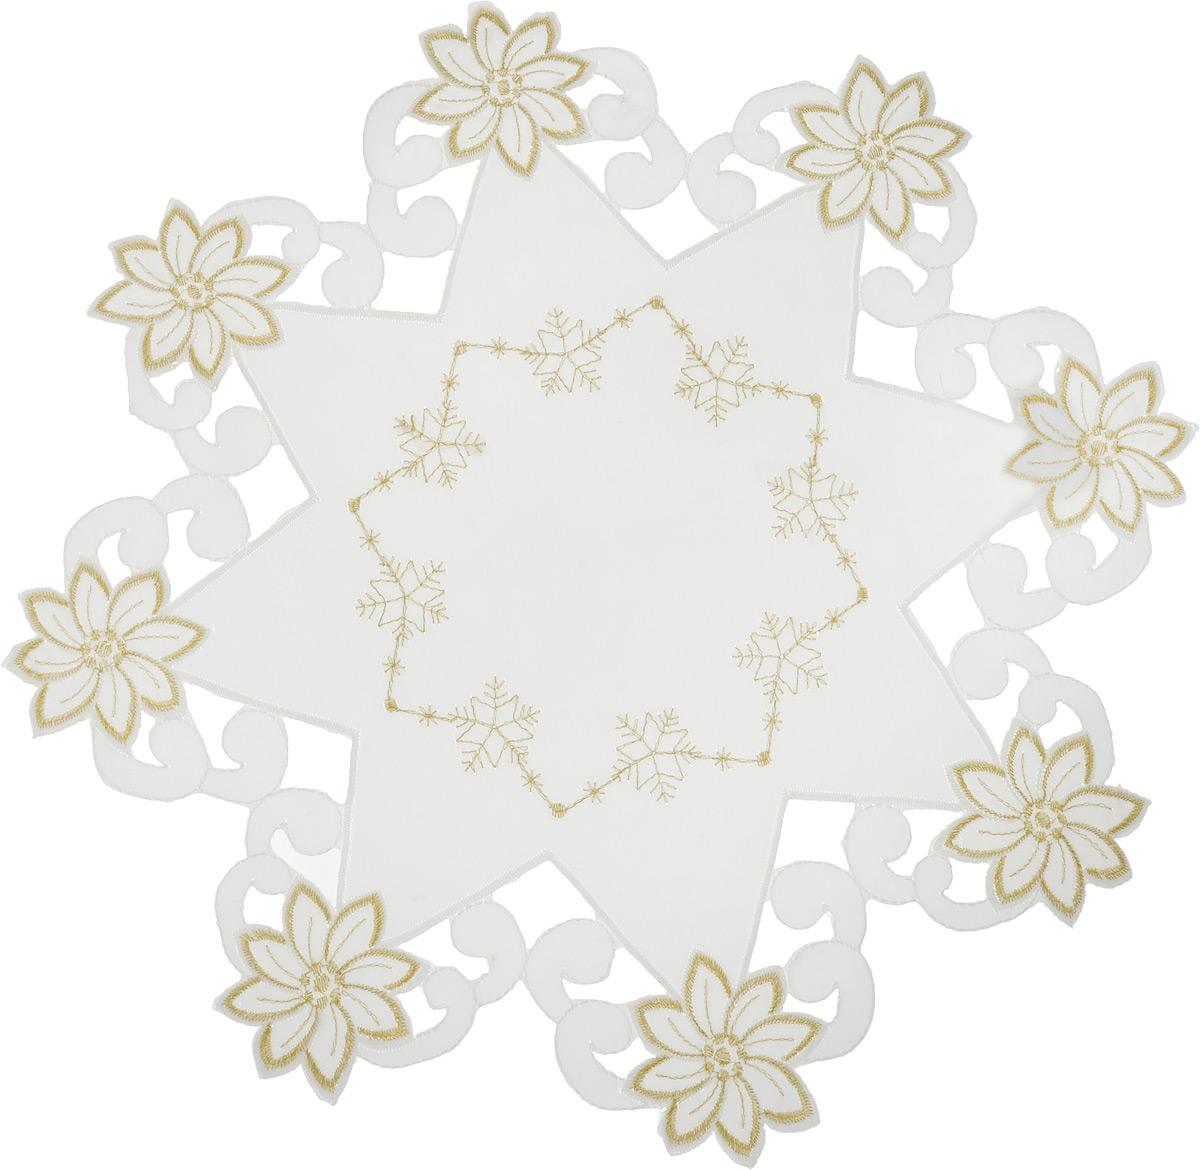 Салфетка Schaefer , круглая, цвет: молочный, золотистый, диаметр 38 см. 07803-31607803-316Круглая салфетка Schaefer, выполненная из полиэстера, оформлена декоративной перфорацией и вышивкой. Дизайнерские идеи немецких художников компании Schaefer воплощаются в текстильных изделиях, которые сделают ваш дом красивее и уютнее и не останутся незамеченными вашими гостями. Дарите себе и близким красоту каждый день! Диаметр салфетки: 38 см.